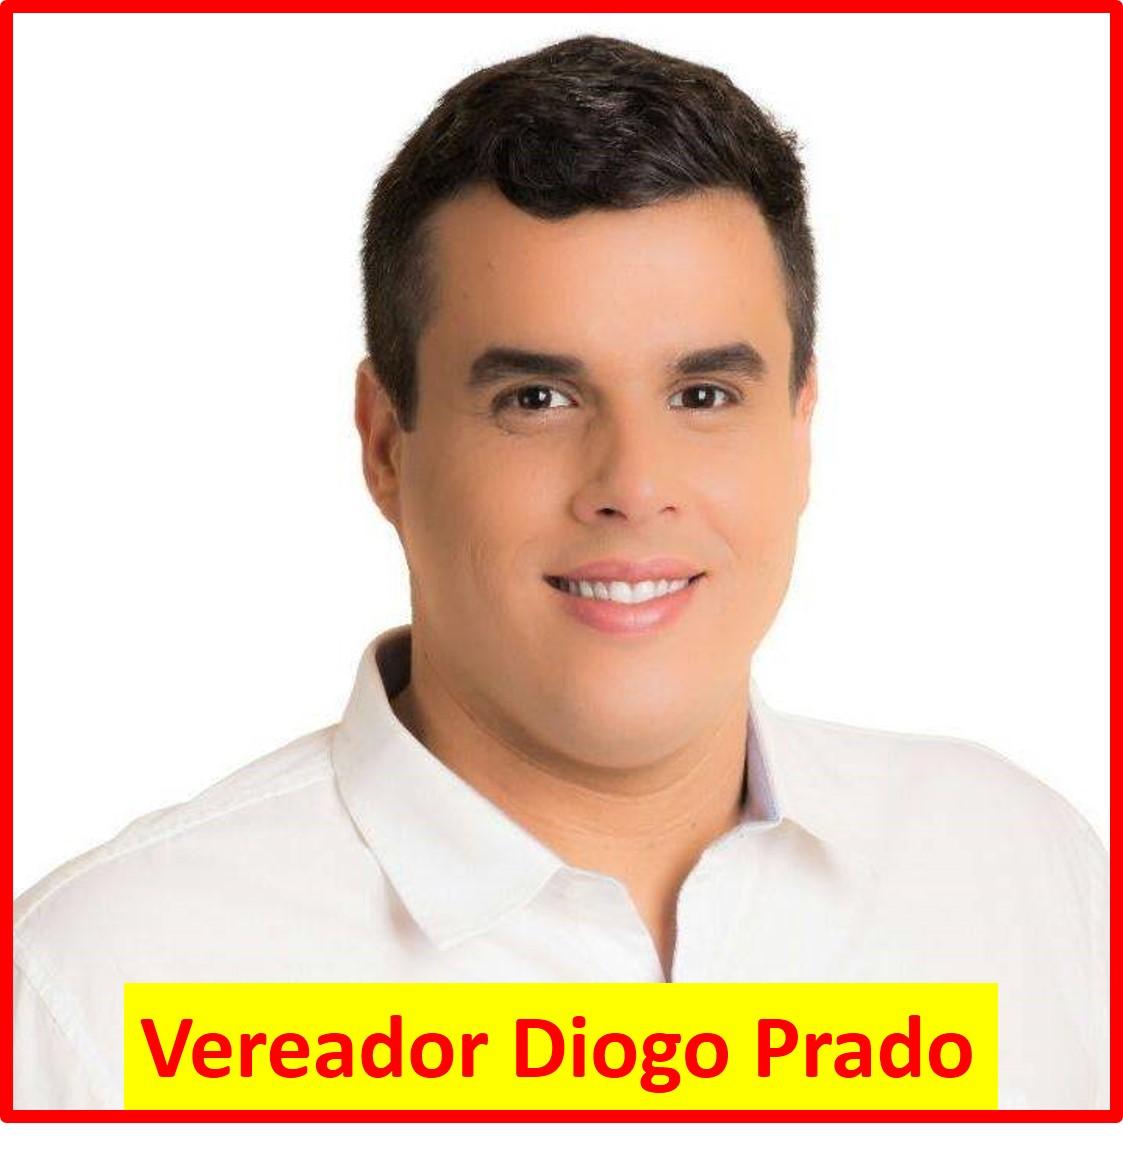 VEREADOR DIOGO PRADO